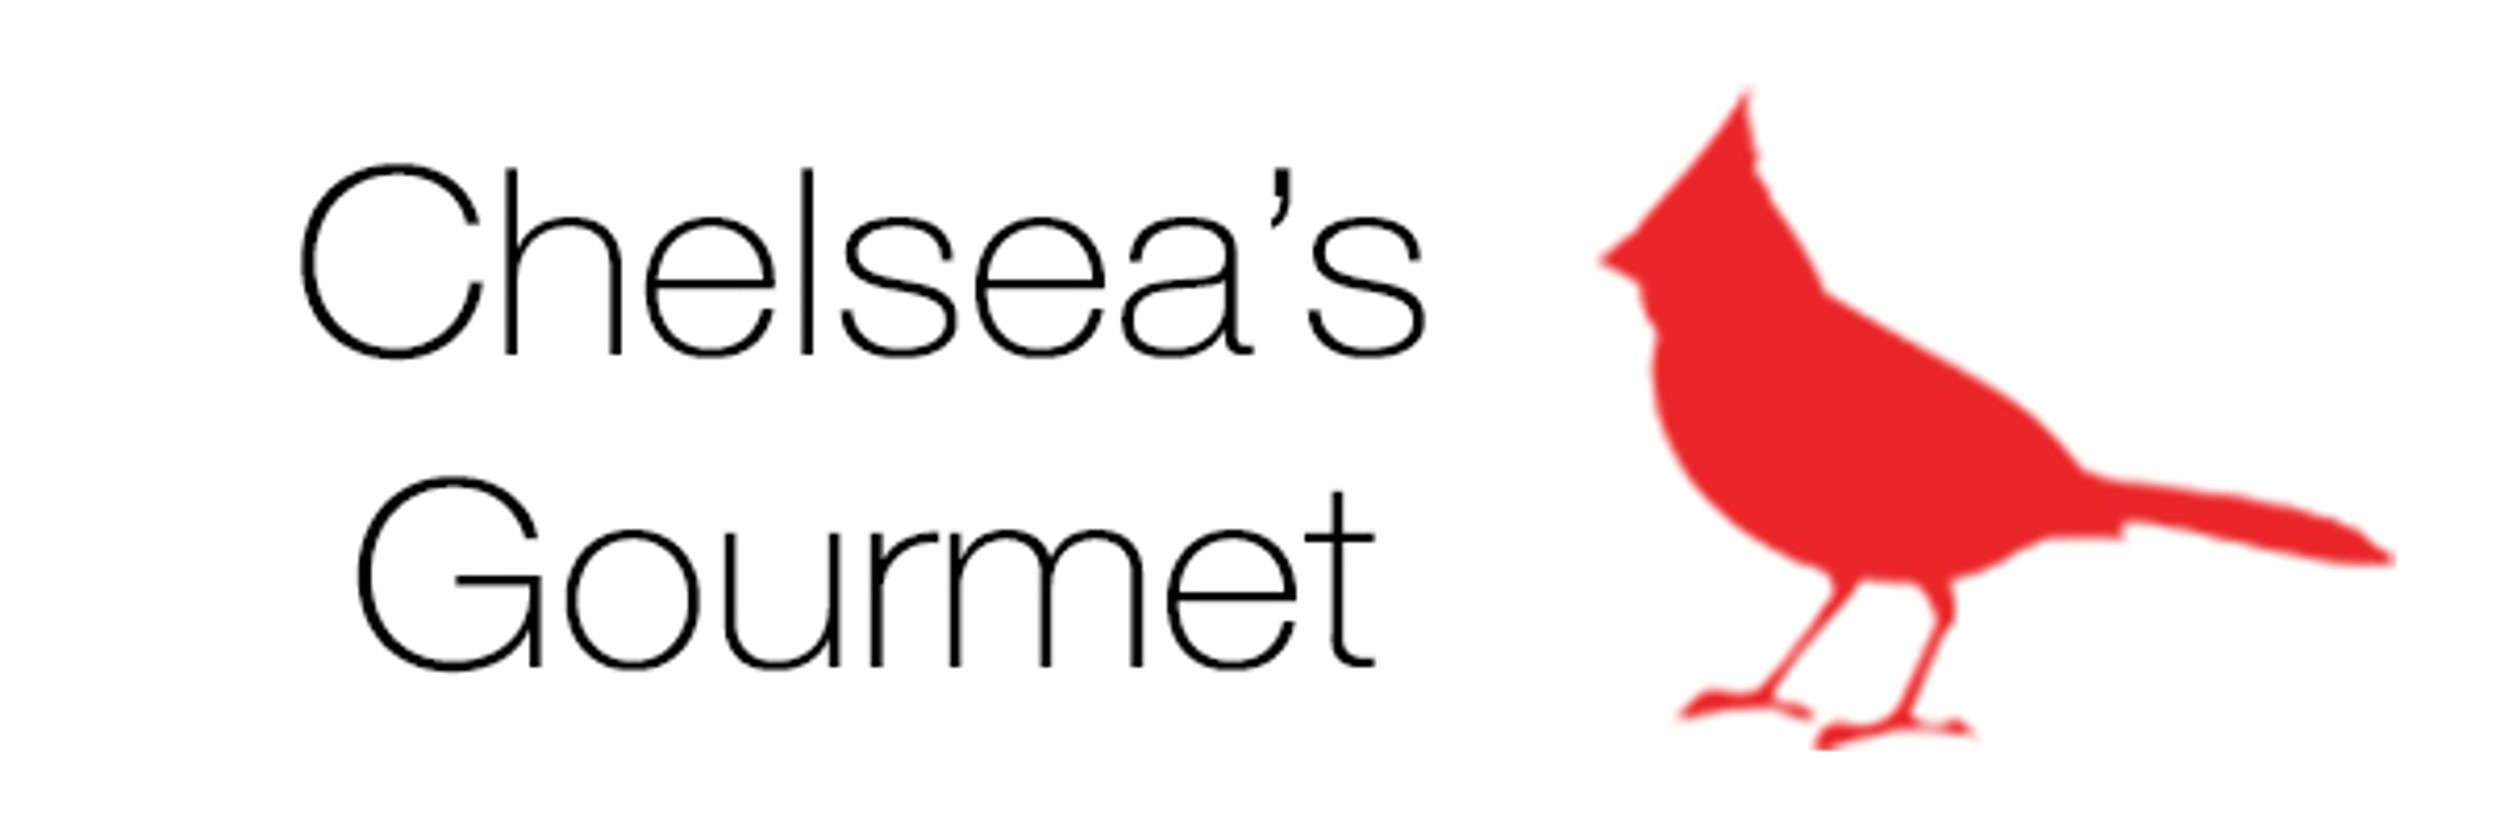 Chelsea's Gourmet